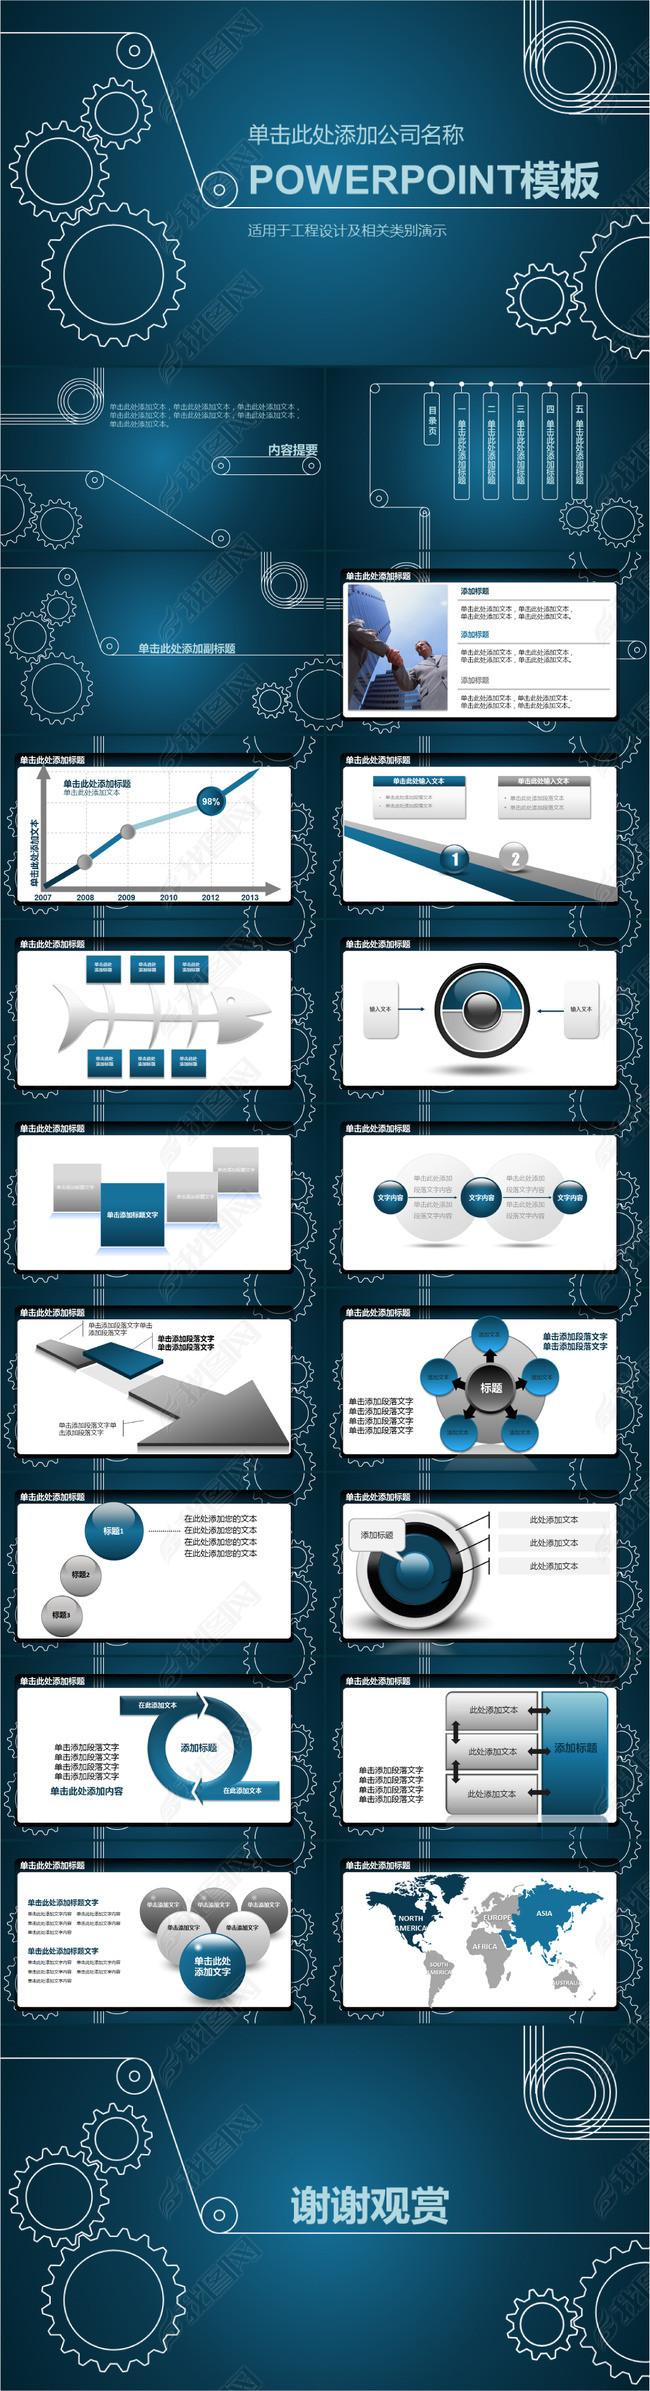 蓝色齿轮线条机械工程设计动态ppt